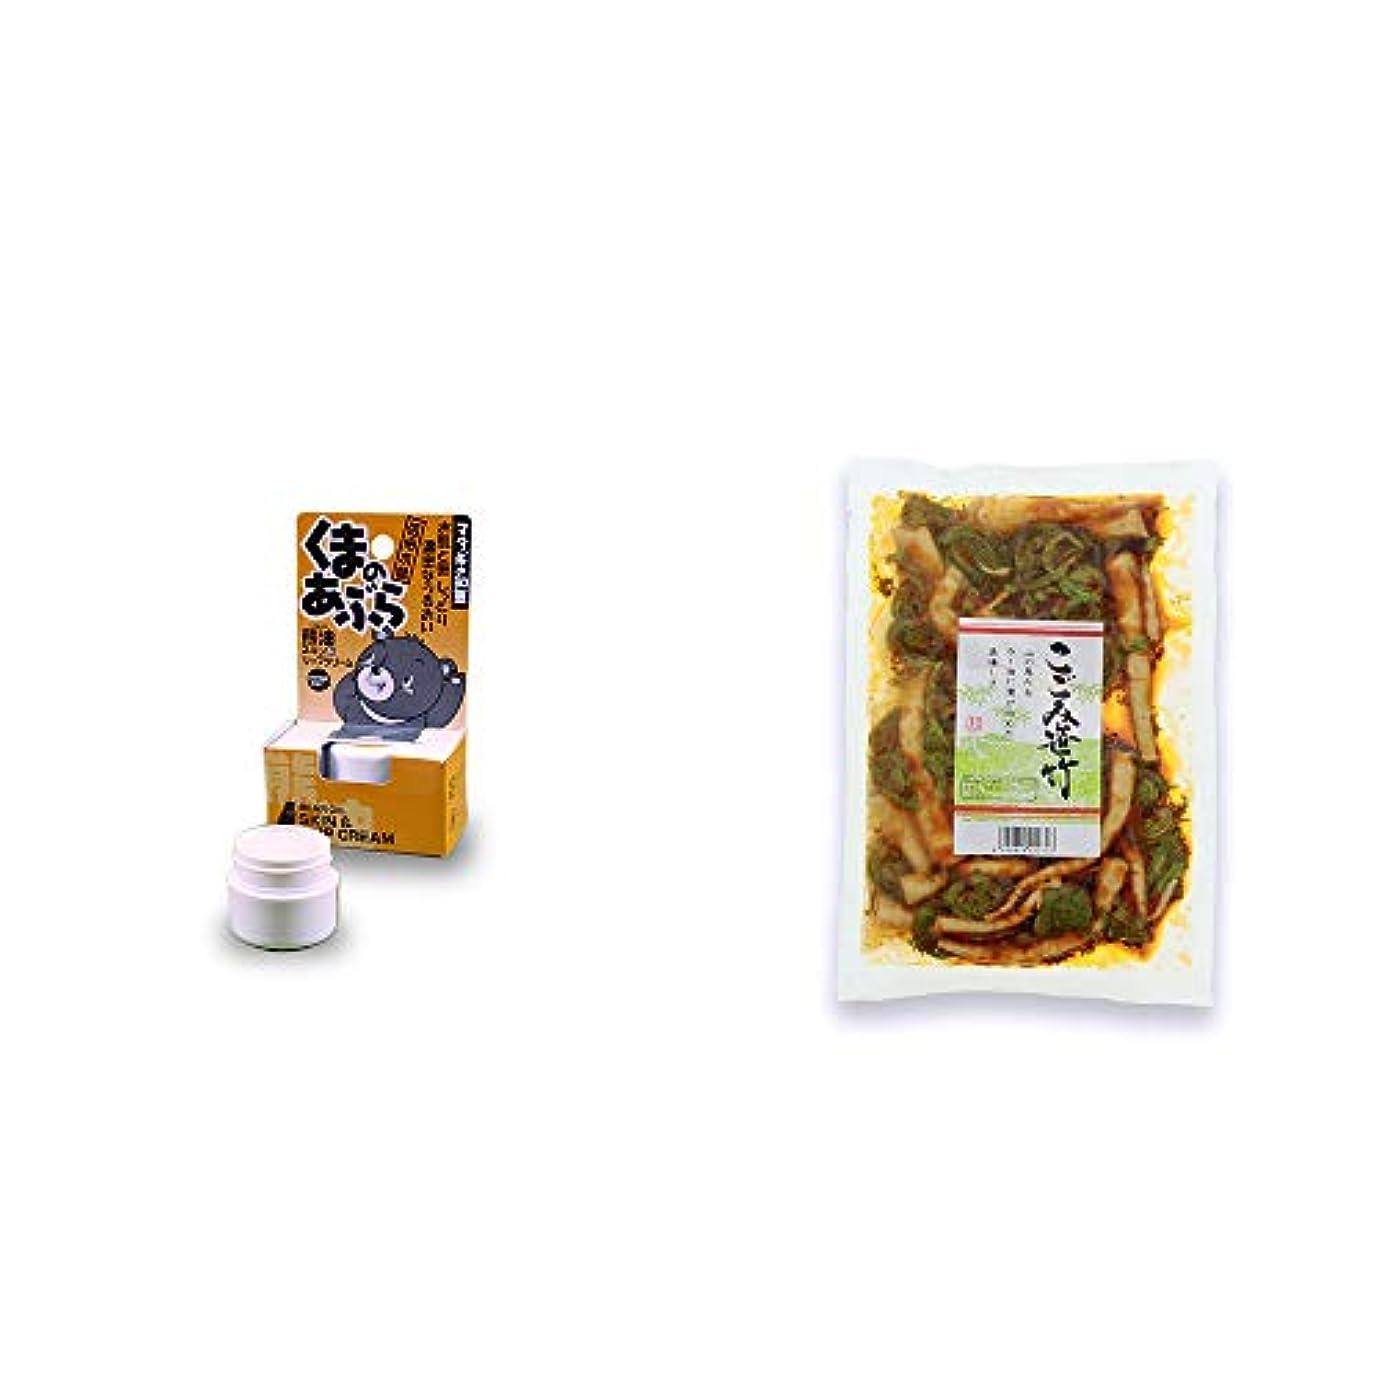 給料費やす確かな[2点セット] 信州木曽 くまのあぶら 熊油スキン&リップクリーム(9g)?こごみ笹竹(250g)